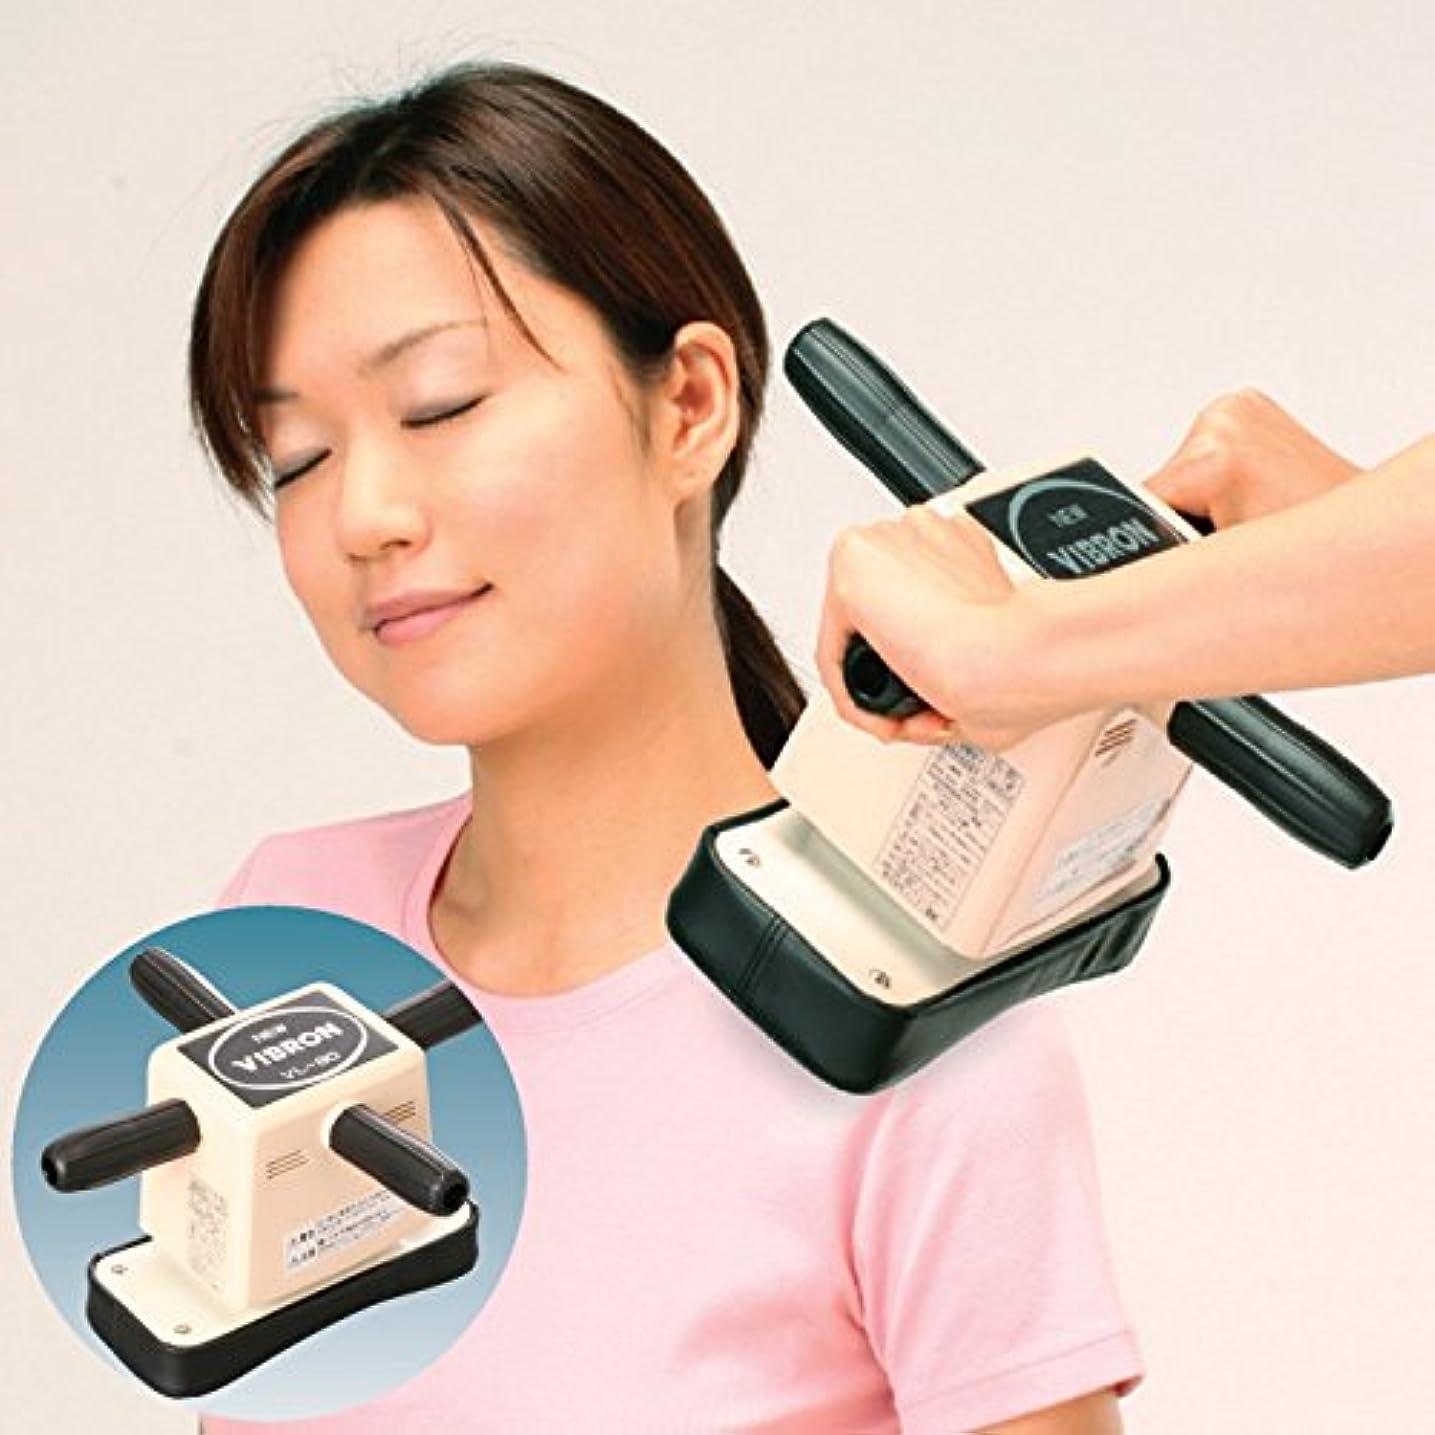 トロピカル朝食を食べるのスコアマッサージ器 家庭用 電動 按摩器 小型 日本製 (首?腰?足?ふくろはぎ?肩こりに)